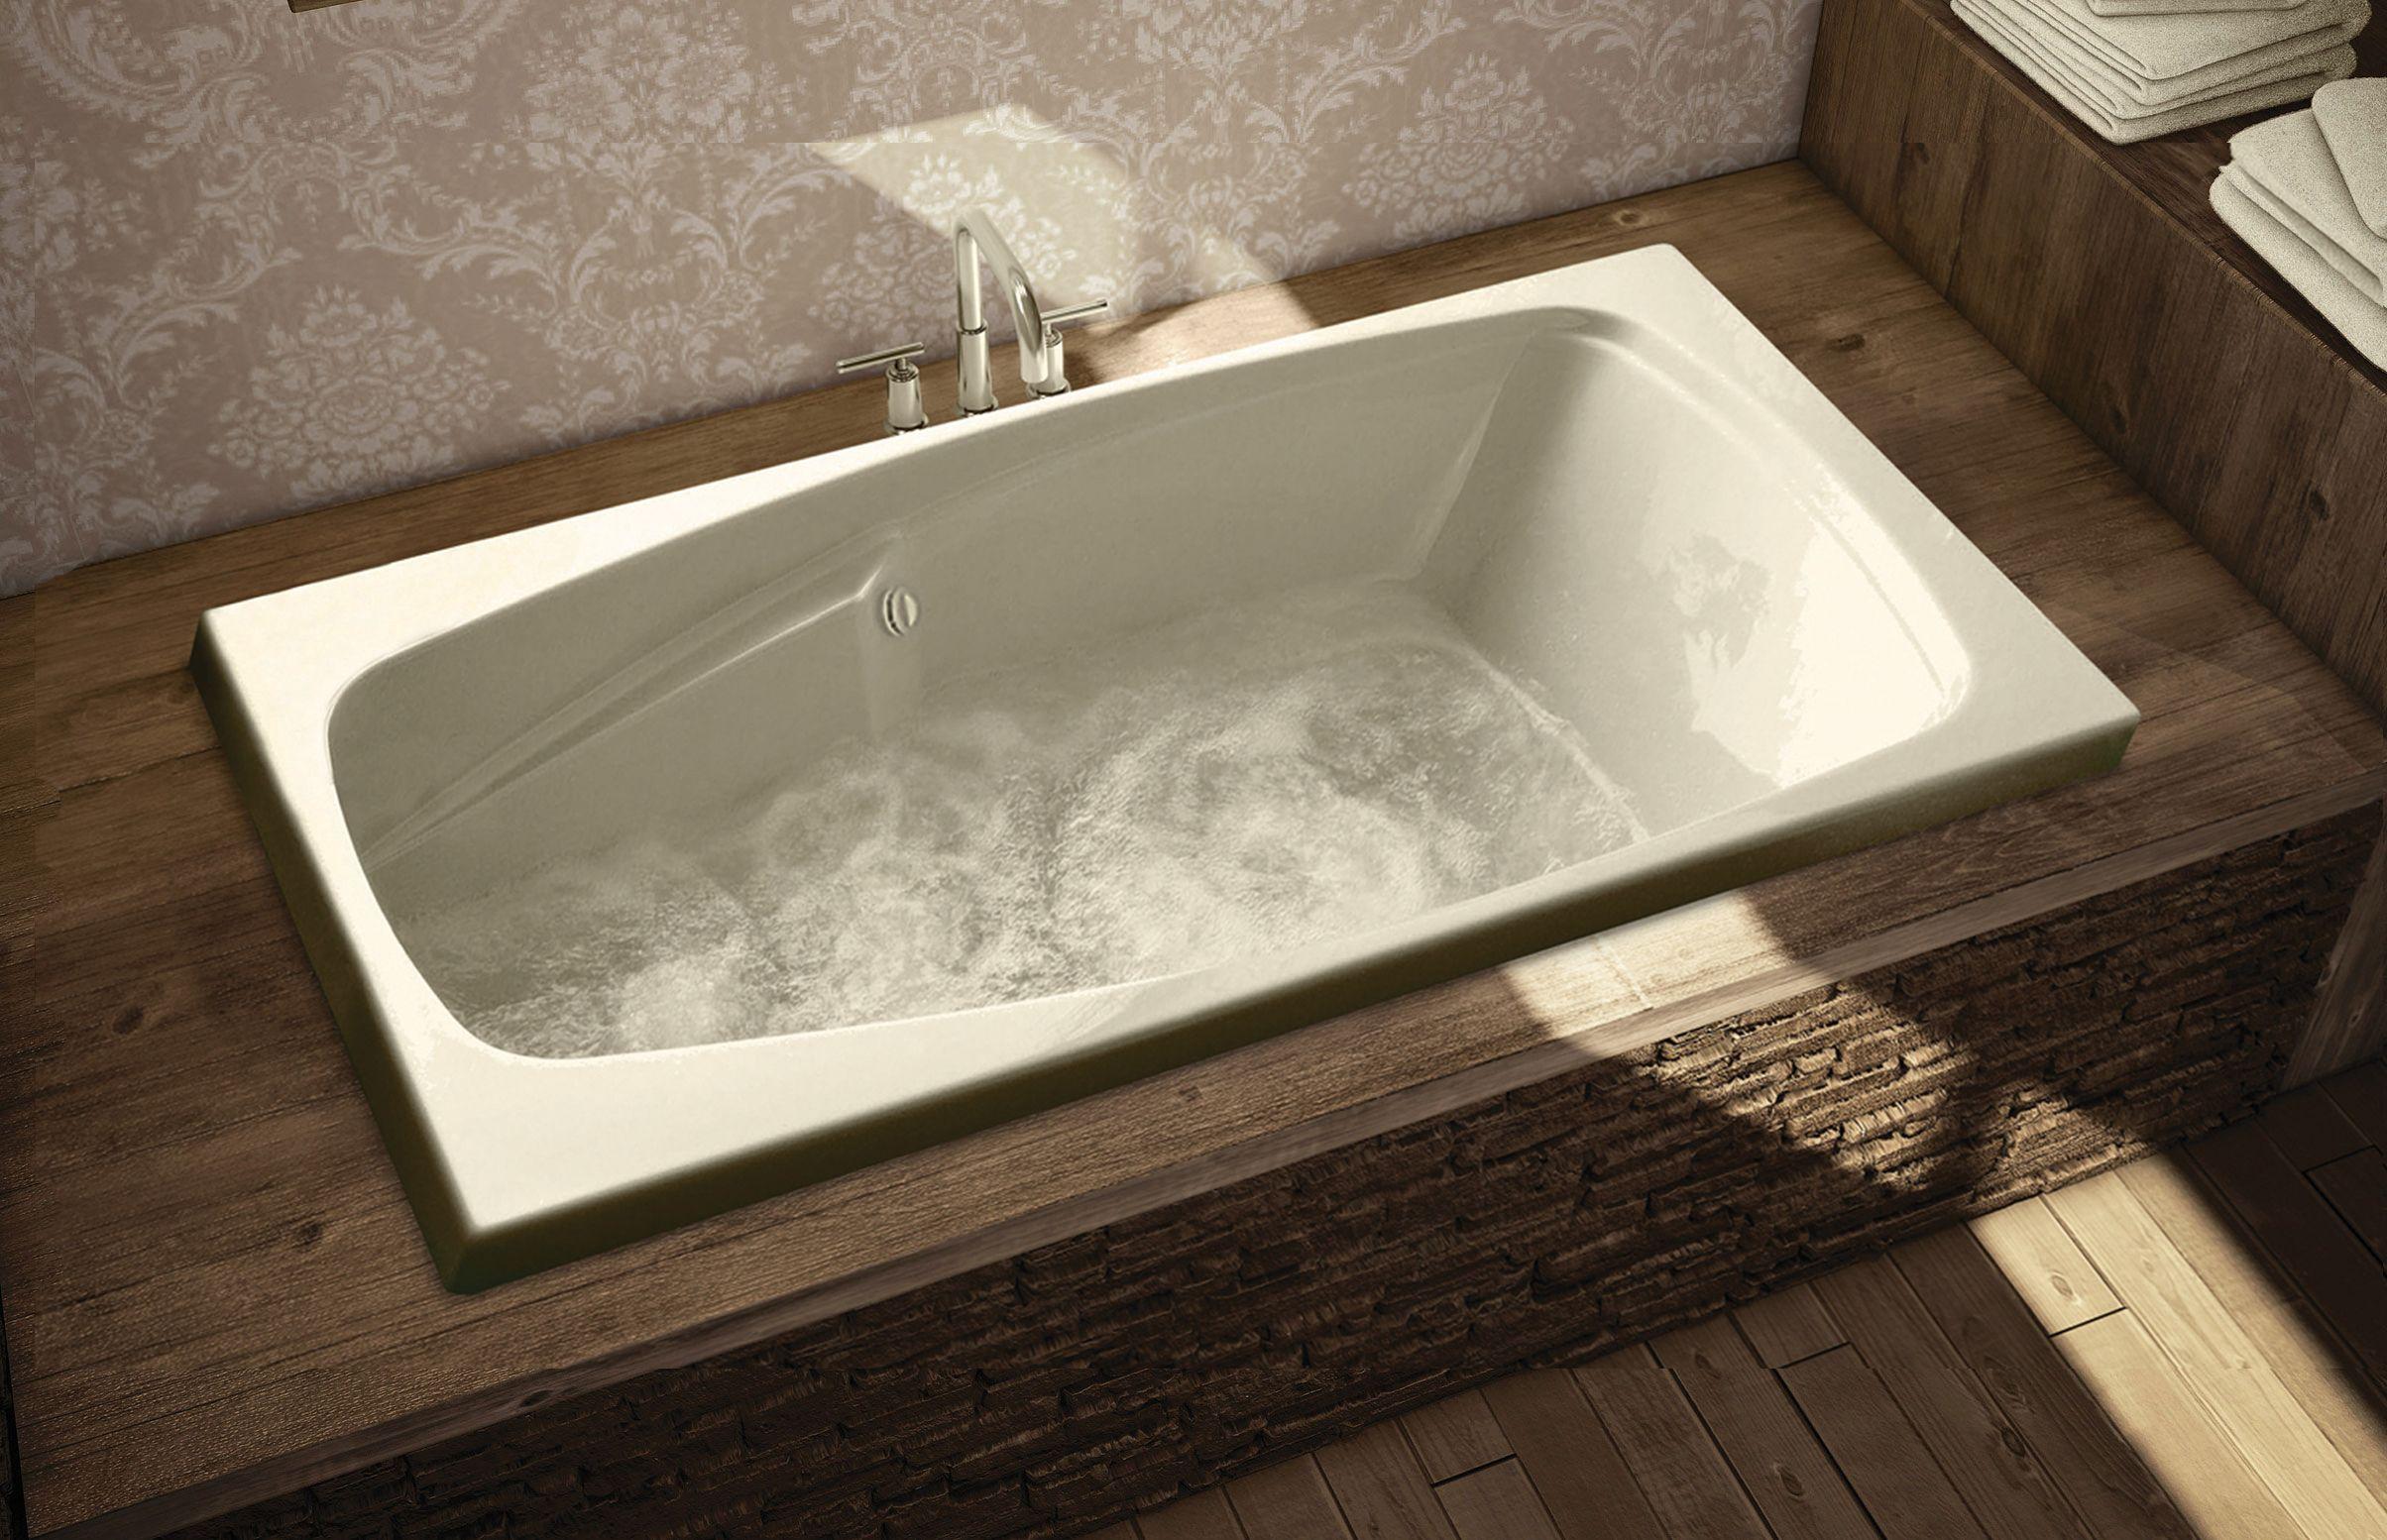 bain inclus bain simplicit alc ve ou podium maax professionnel id es pour la maison. Black Bedroom Furniture Sets. Home Design Ideas